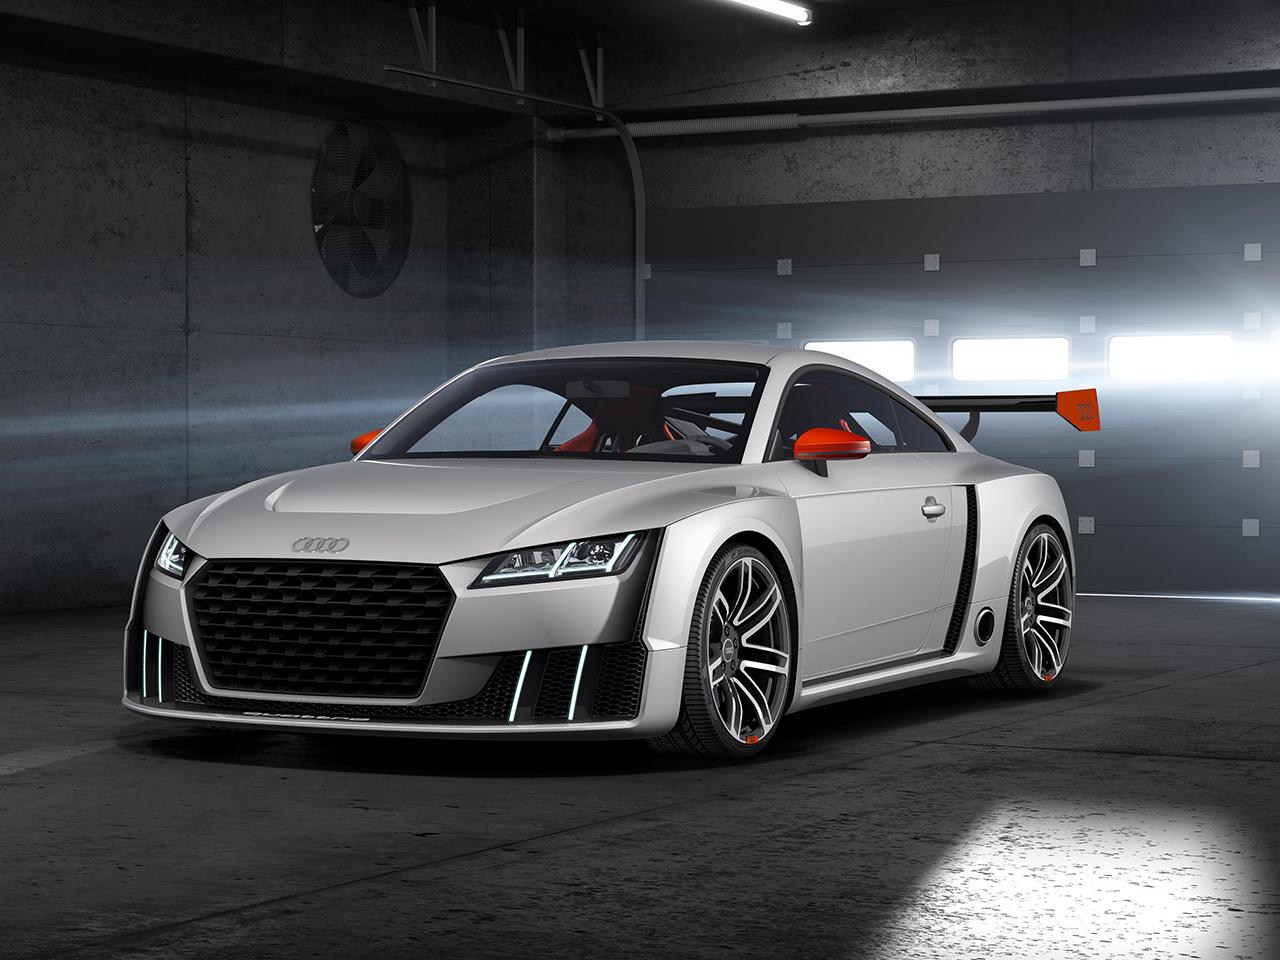 Audi Tt Clubsport Turbo Gti Treffen 2015 Autozeitungde